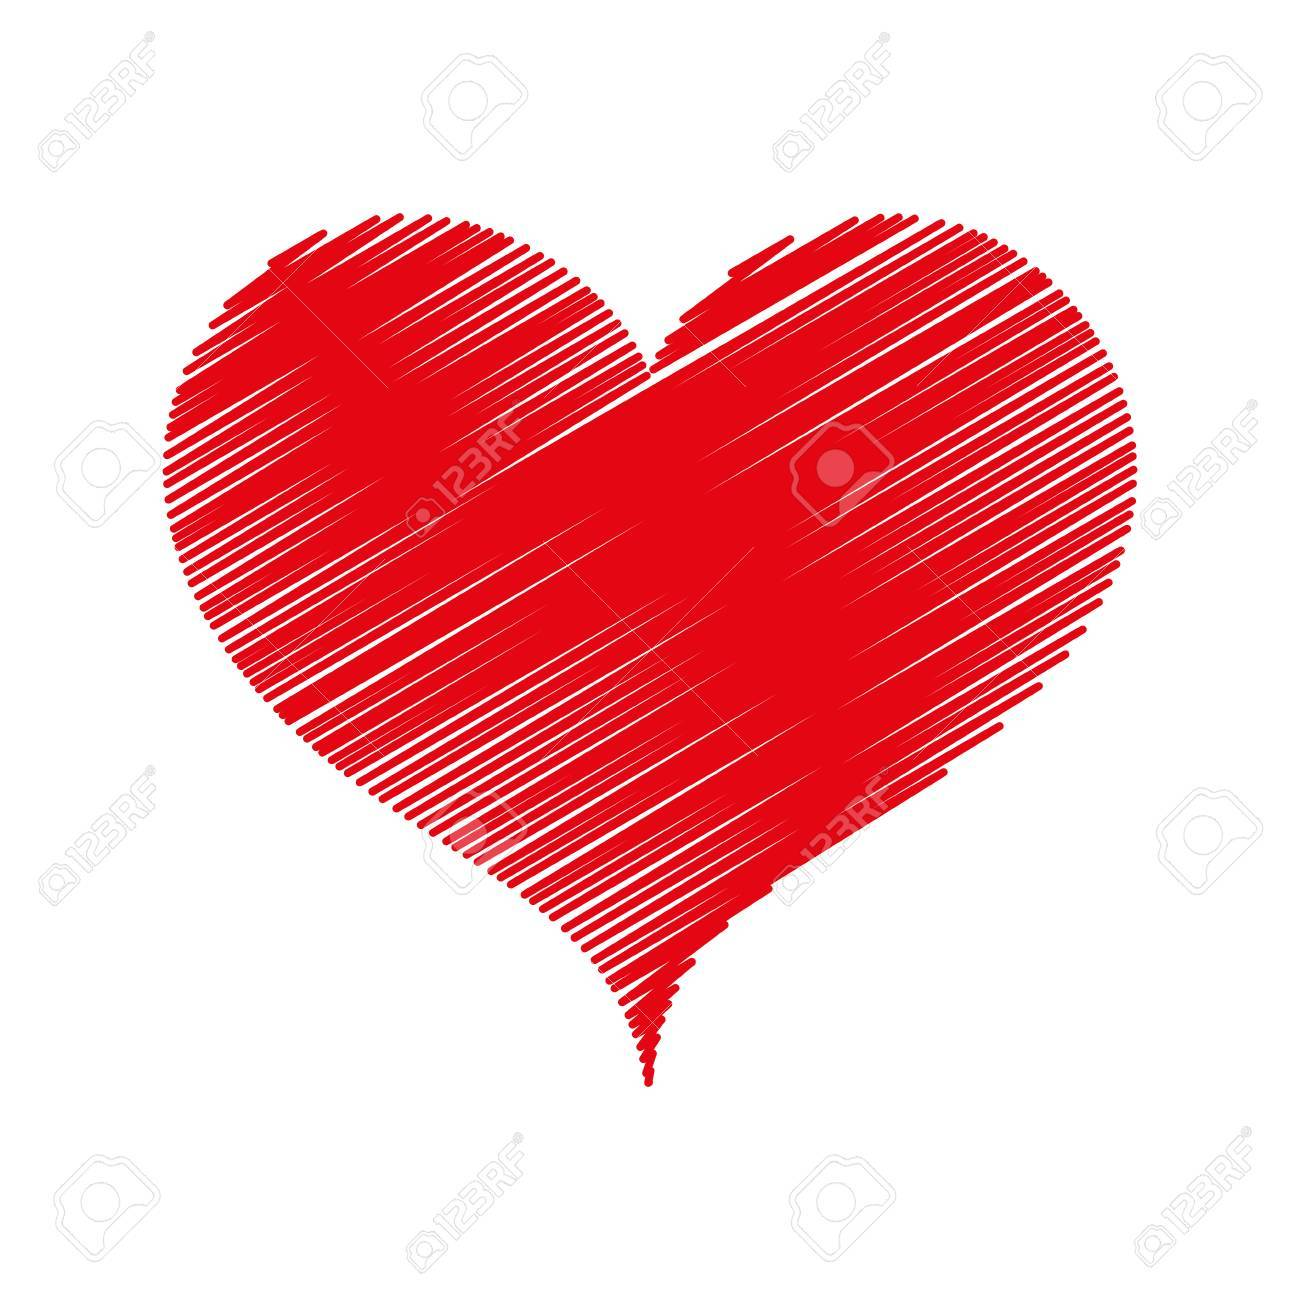 Corazón Amor Romance Pasión Amour Rojo Ilustración Vectorial Boceto